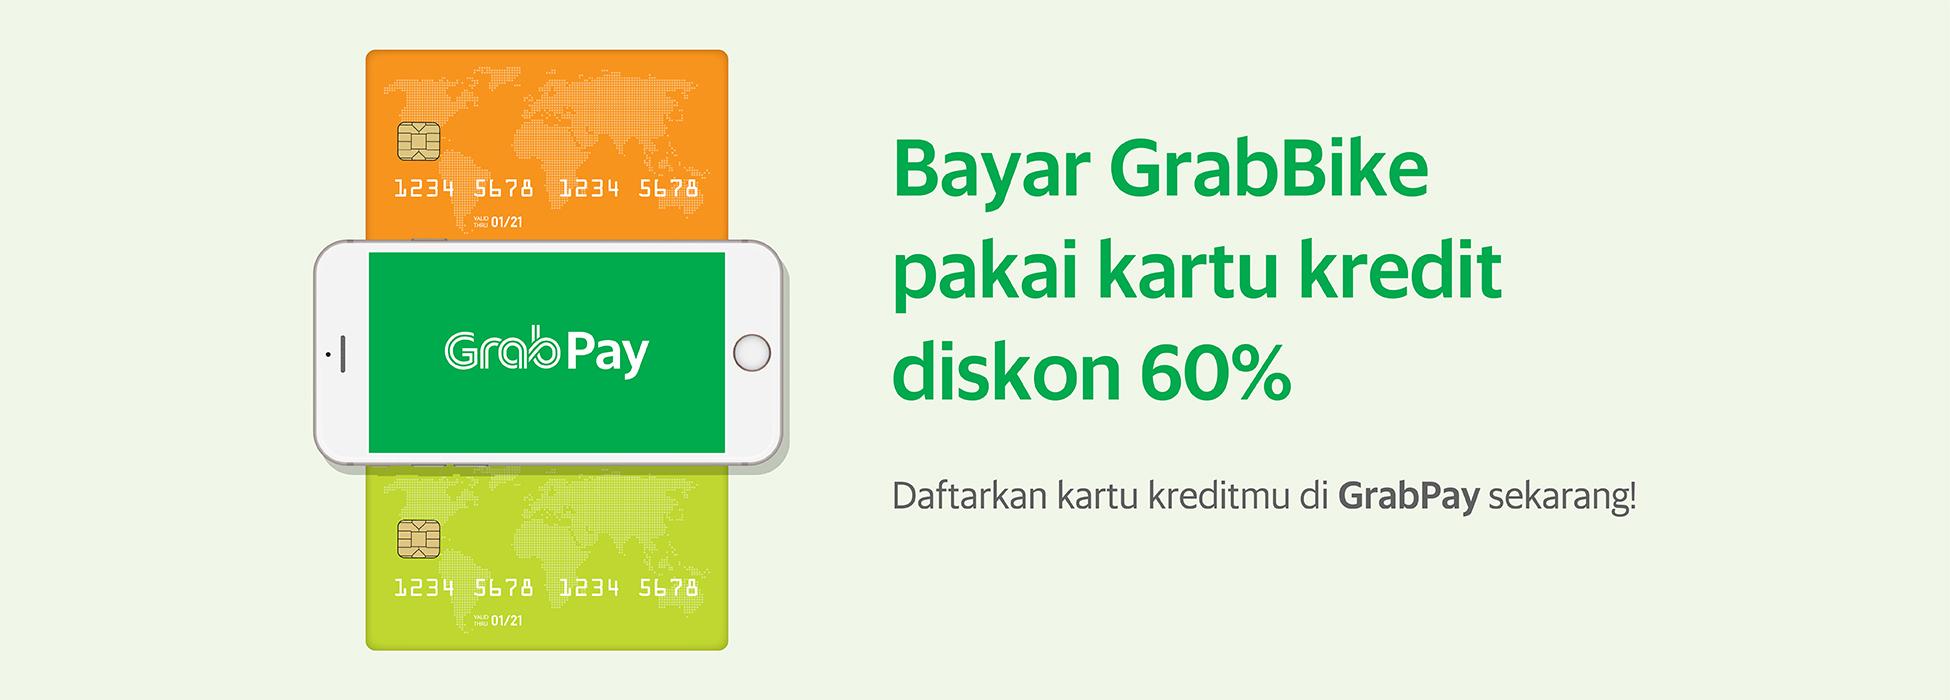 Nge Grabbike Lebih Irit Bayar Pakai Kartu Kredit Grab Id